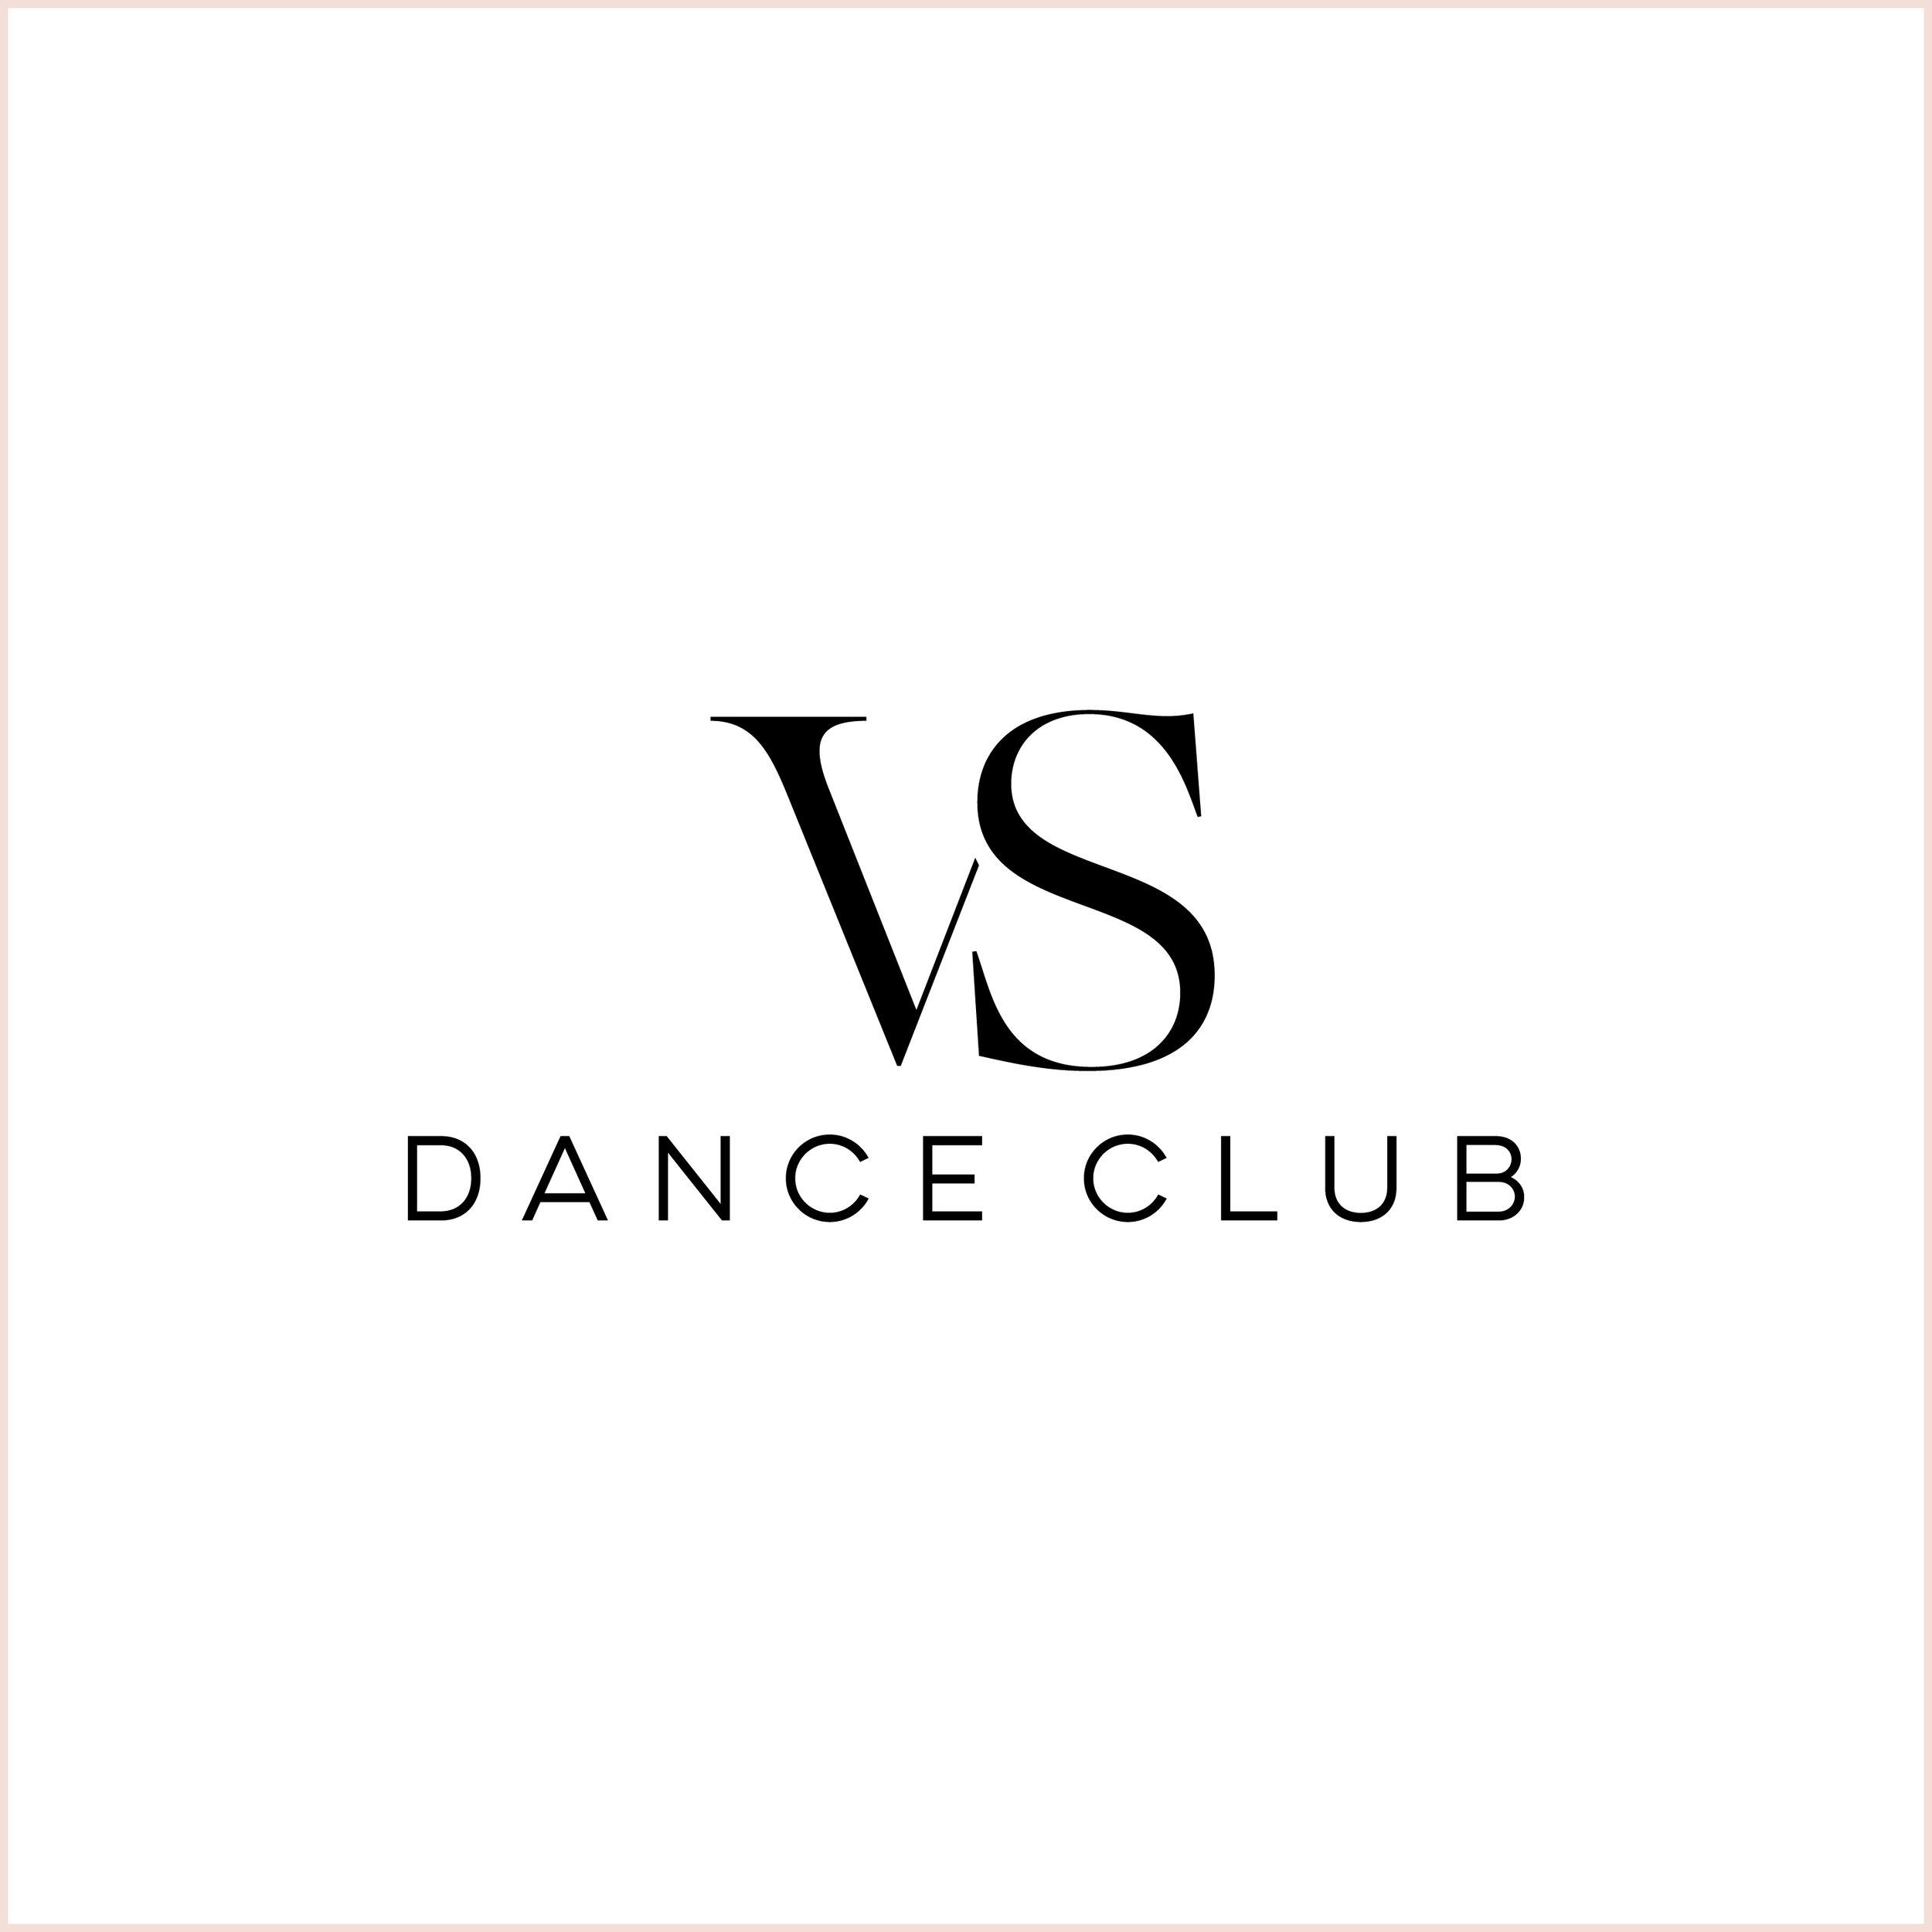 9-vsdance.jpg